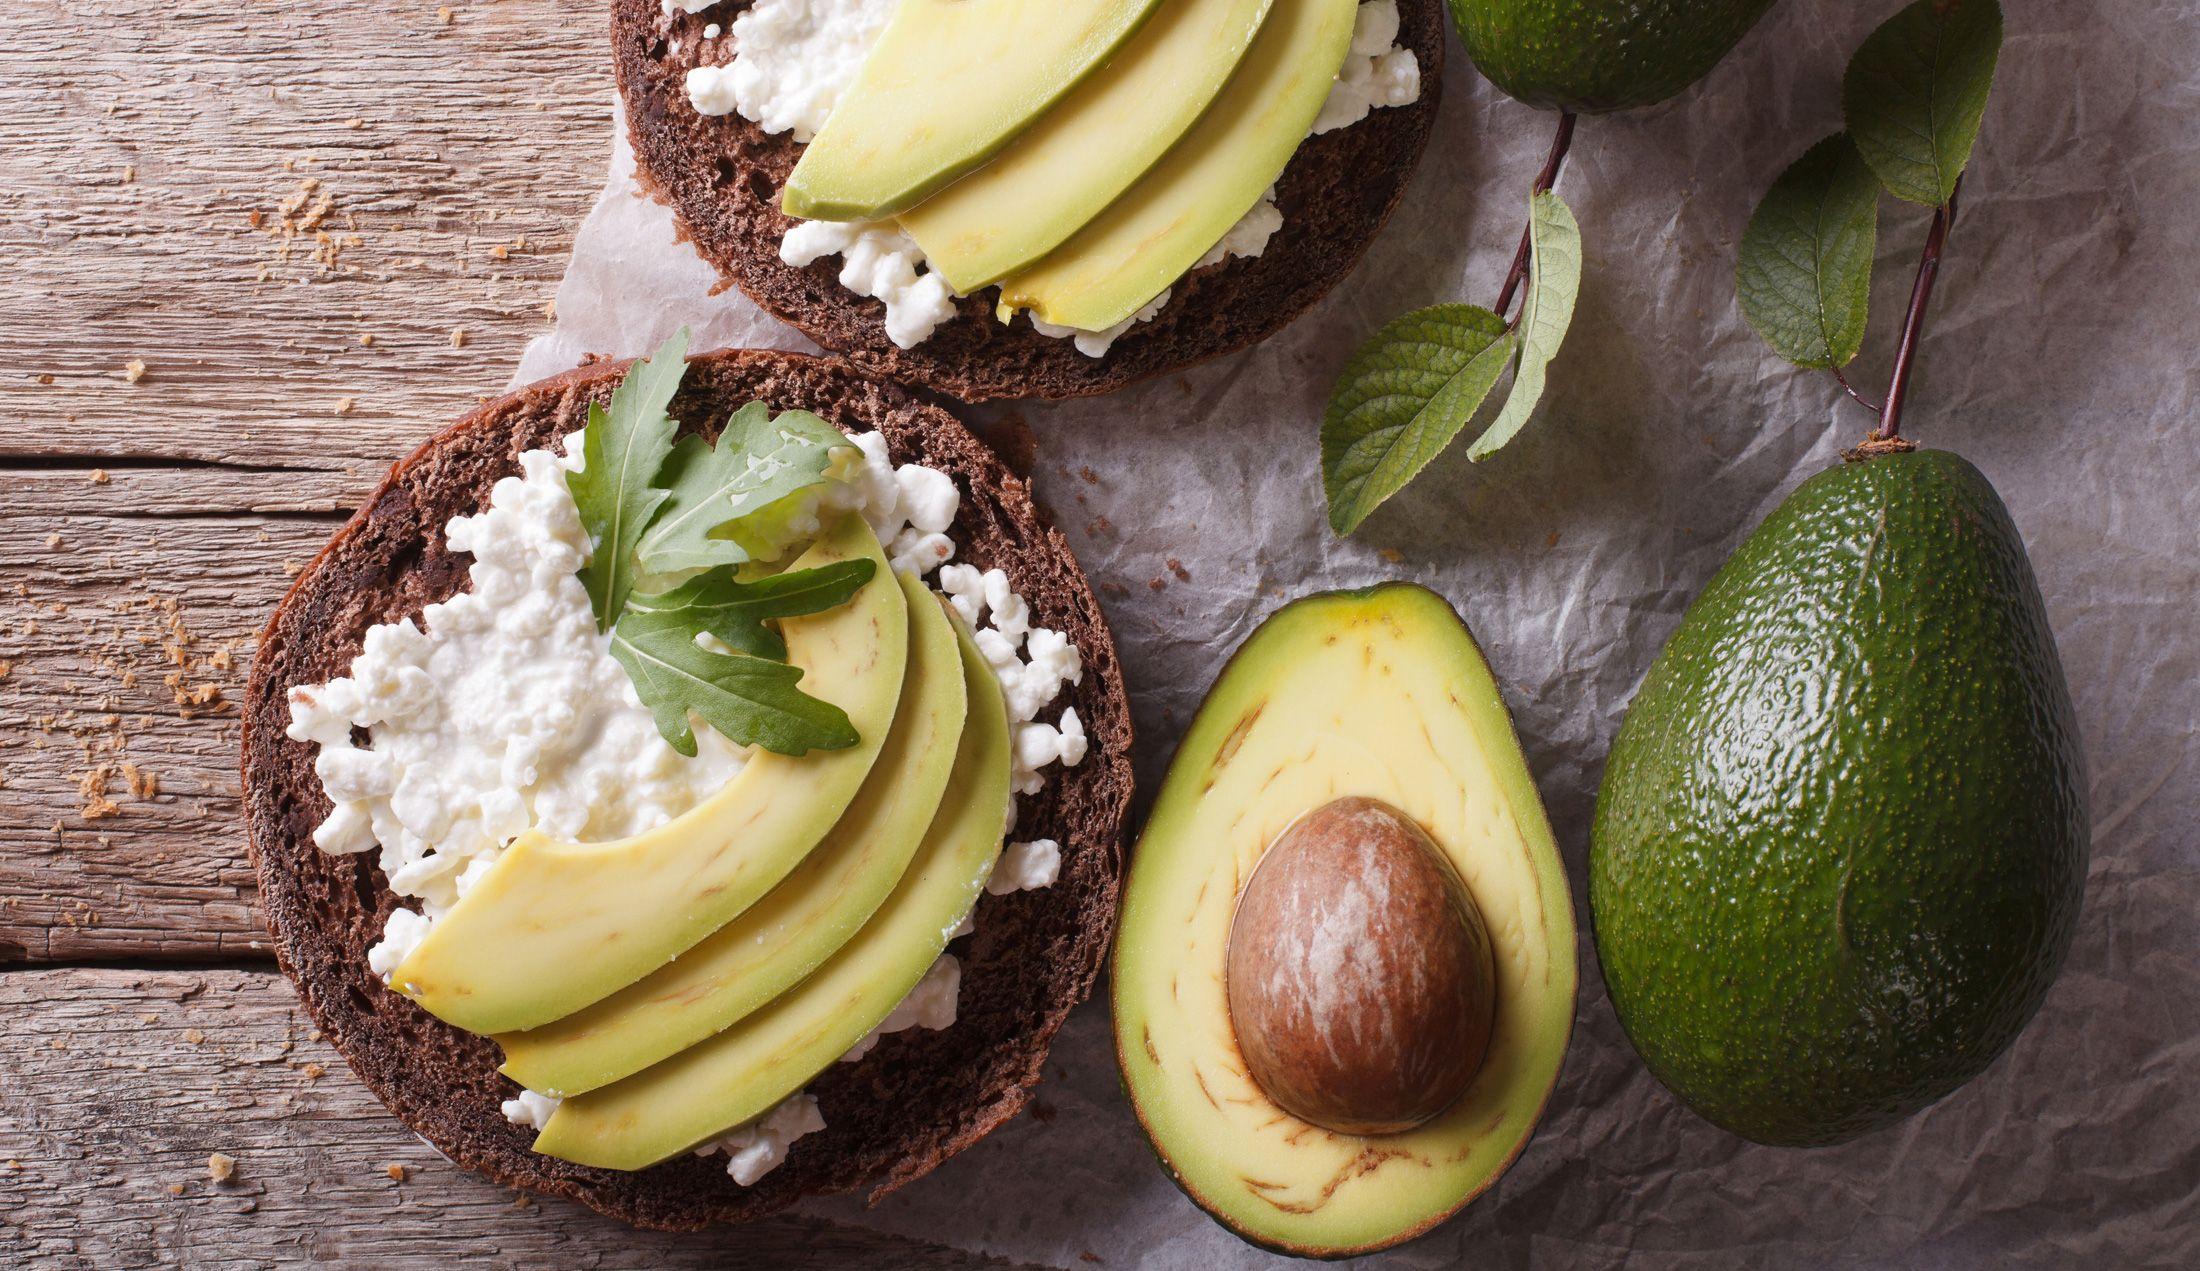 Hüttenkäse ist eiweißreich und fettarm – genau der richtige Snack für Zwischendurch, beim Abnehmen, während einer Diät oder beim Muskelaufbau. Hier die besten Rezepte mit Hüttenkäse